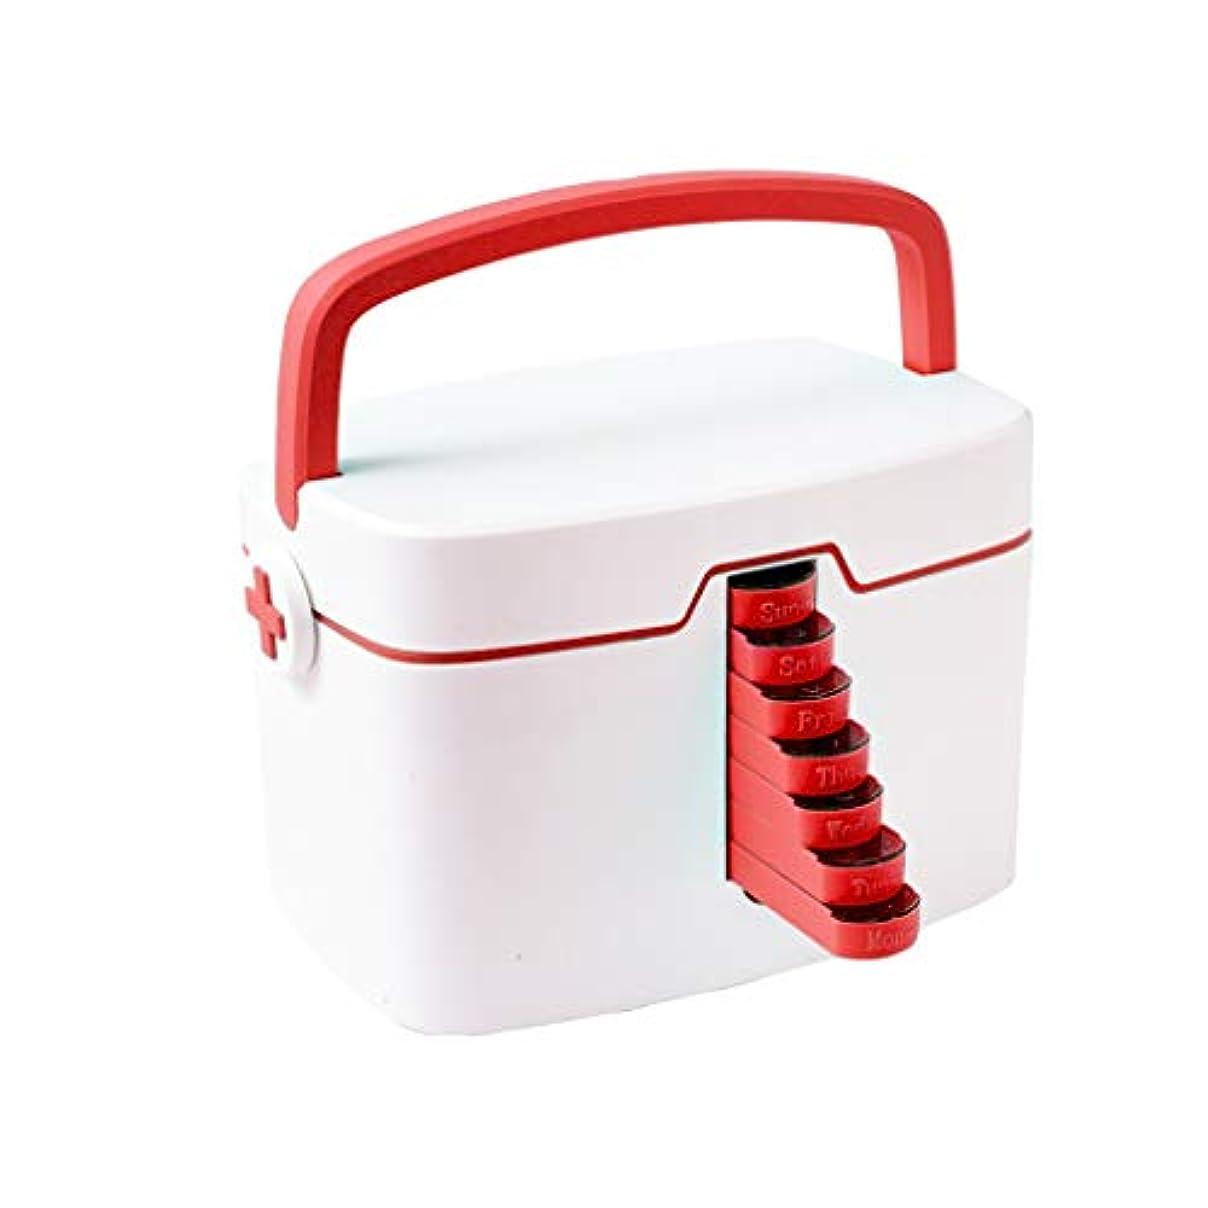 バンケットシンプトンスカーフ旅行学校の使用白に適した薬箱ホーム多機能救急箱大容量スペア医療箱多層デザイン SYFO